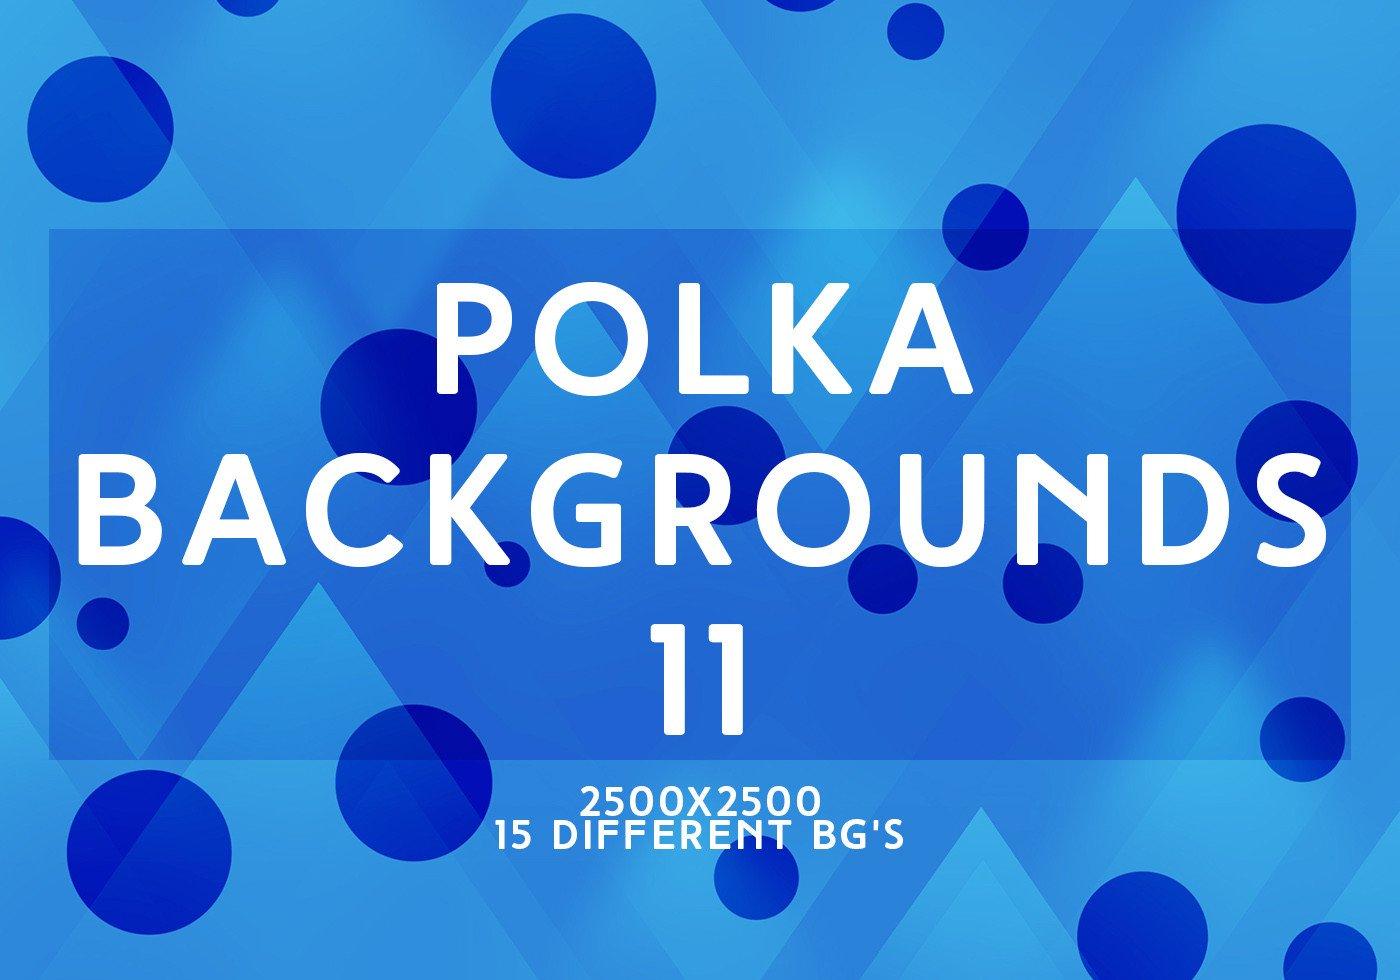 Polka Dot Brush Photoshop Polka Backgrouds 11 Free Shop Brushes at Brusheezy